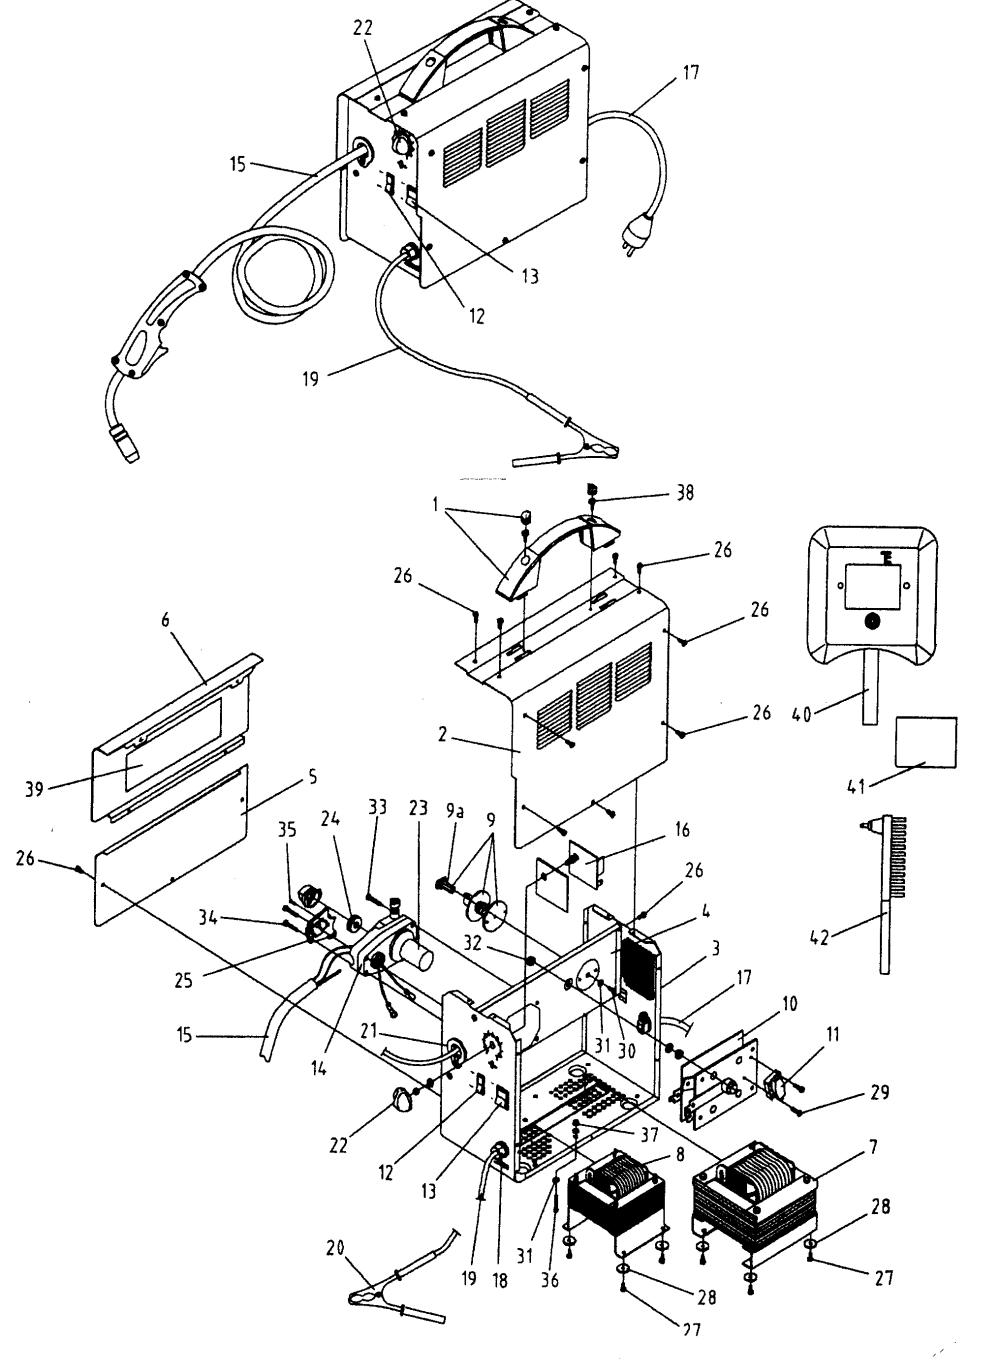 medium resolution of mig welding equipment diagram